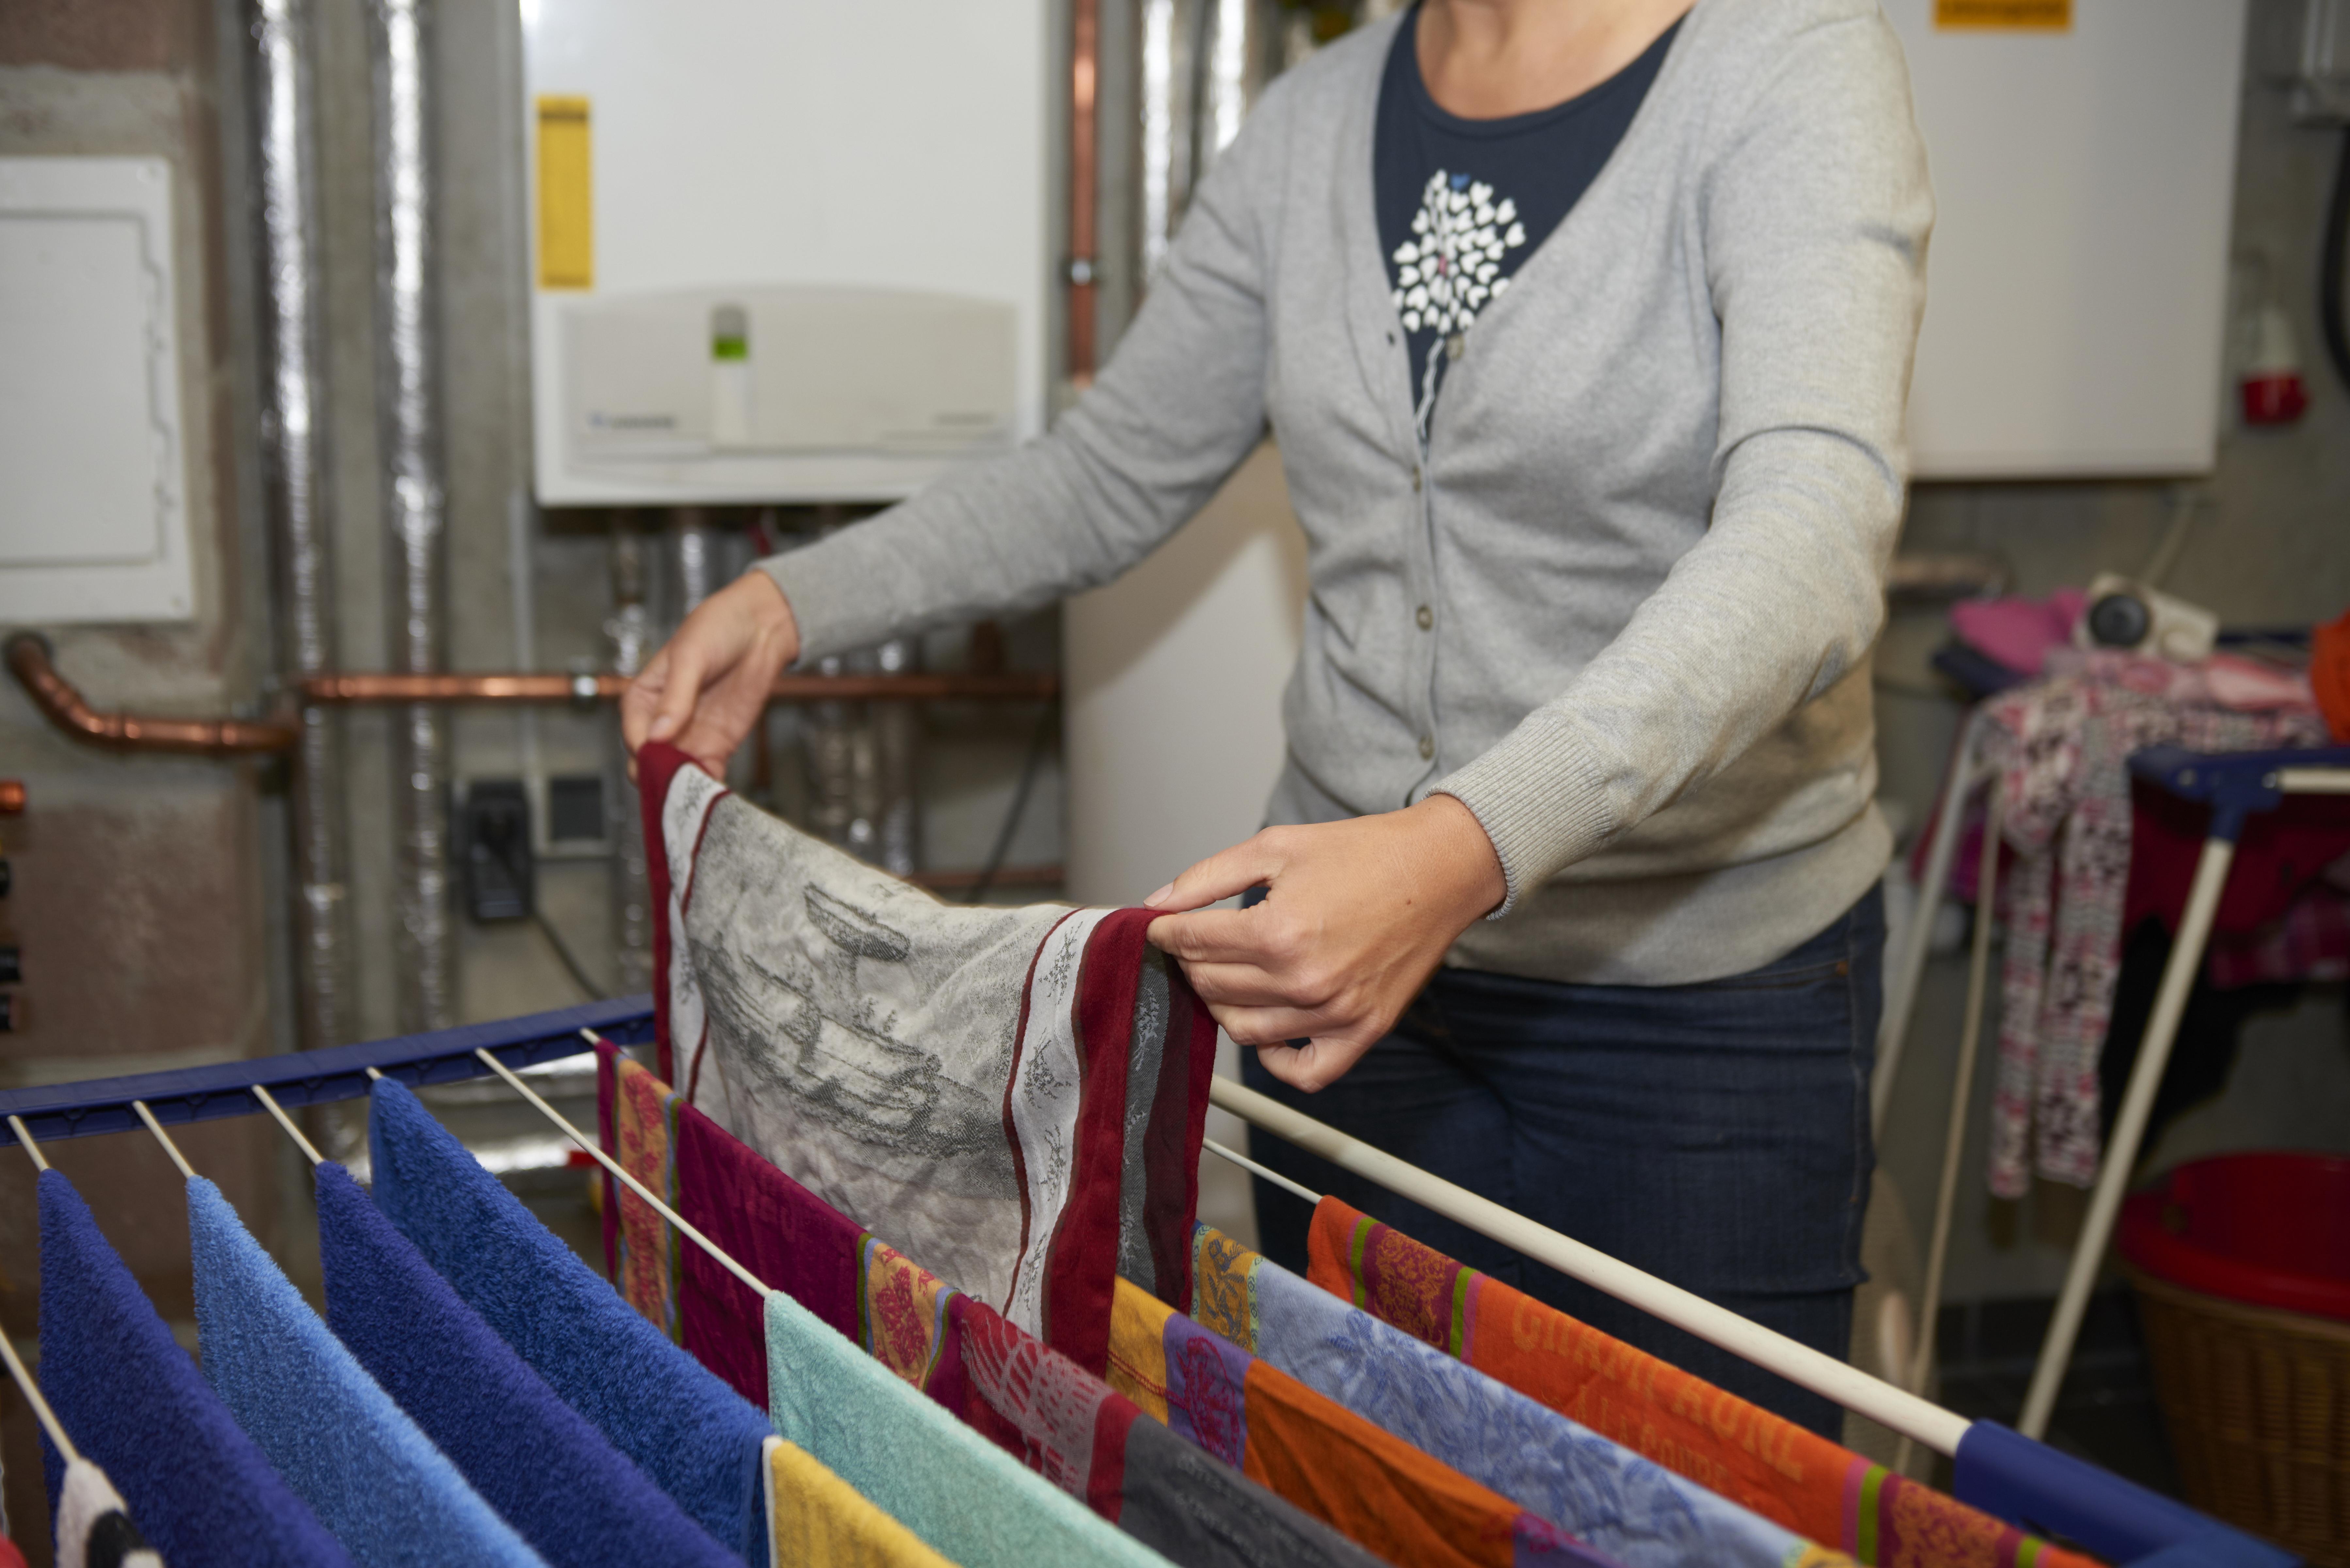 Wäsche trocknen im Heizungskeller: schlecht für die Anlage und den ...